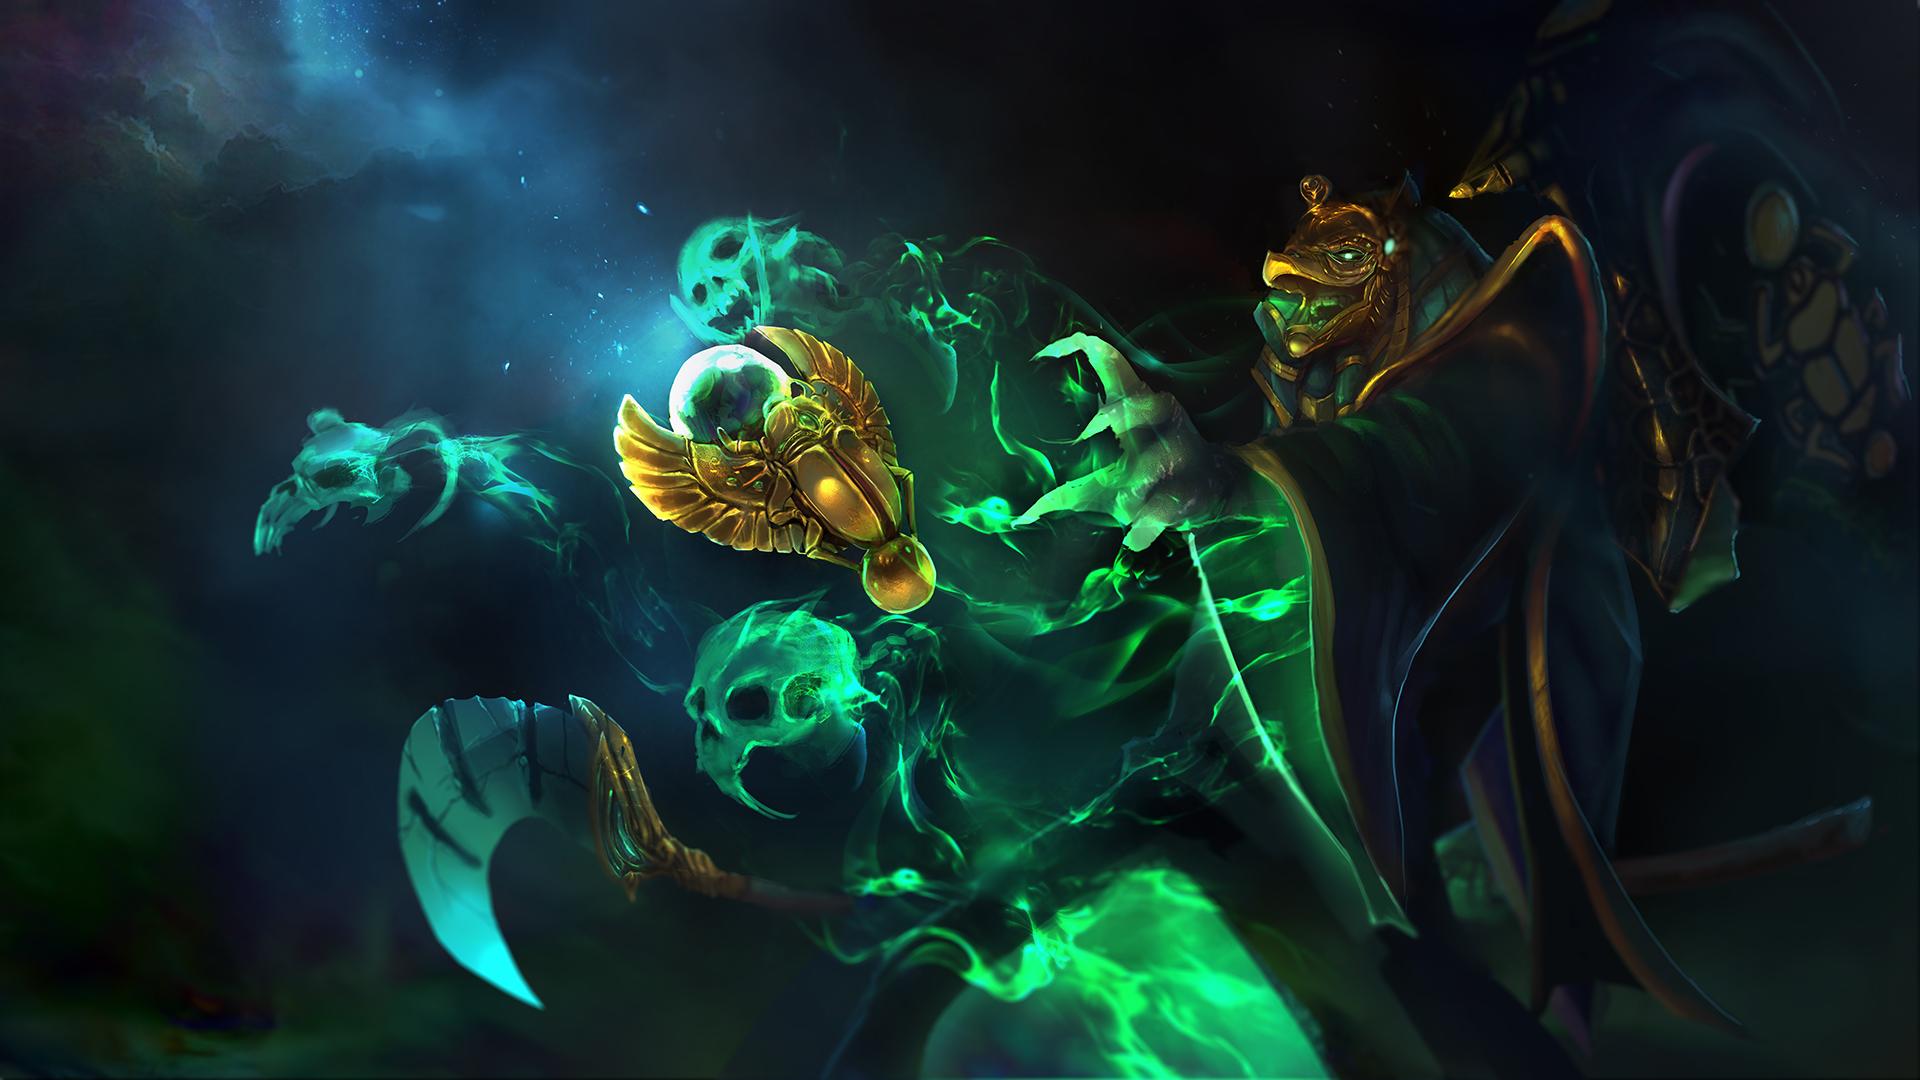 Necrophos новый сет Wrath of Ka